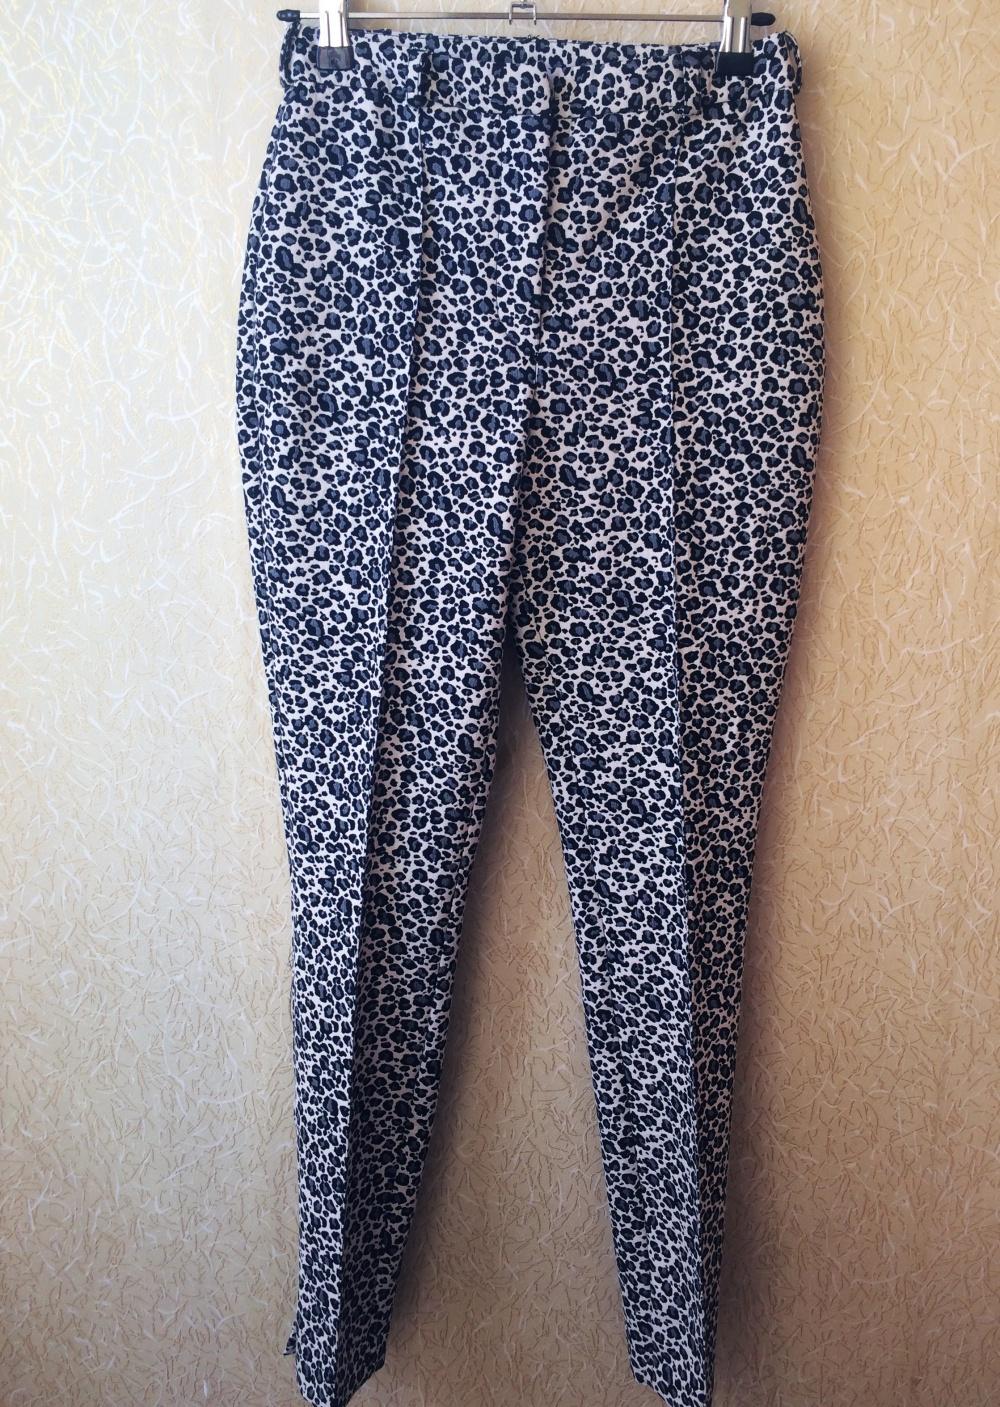 Новые узкие брюки с леопардовым принтом ASOS (6 UK)